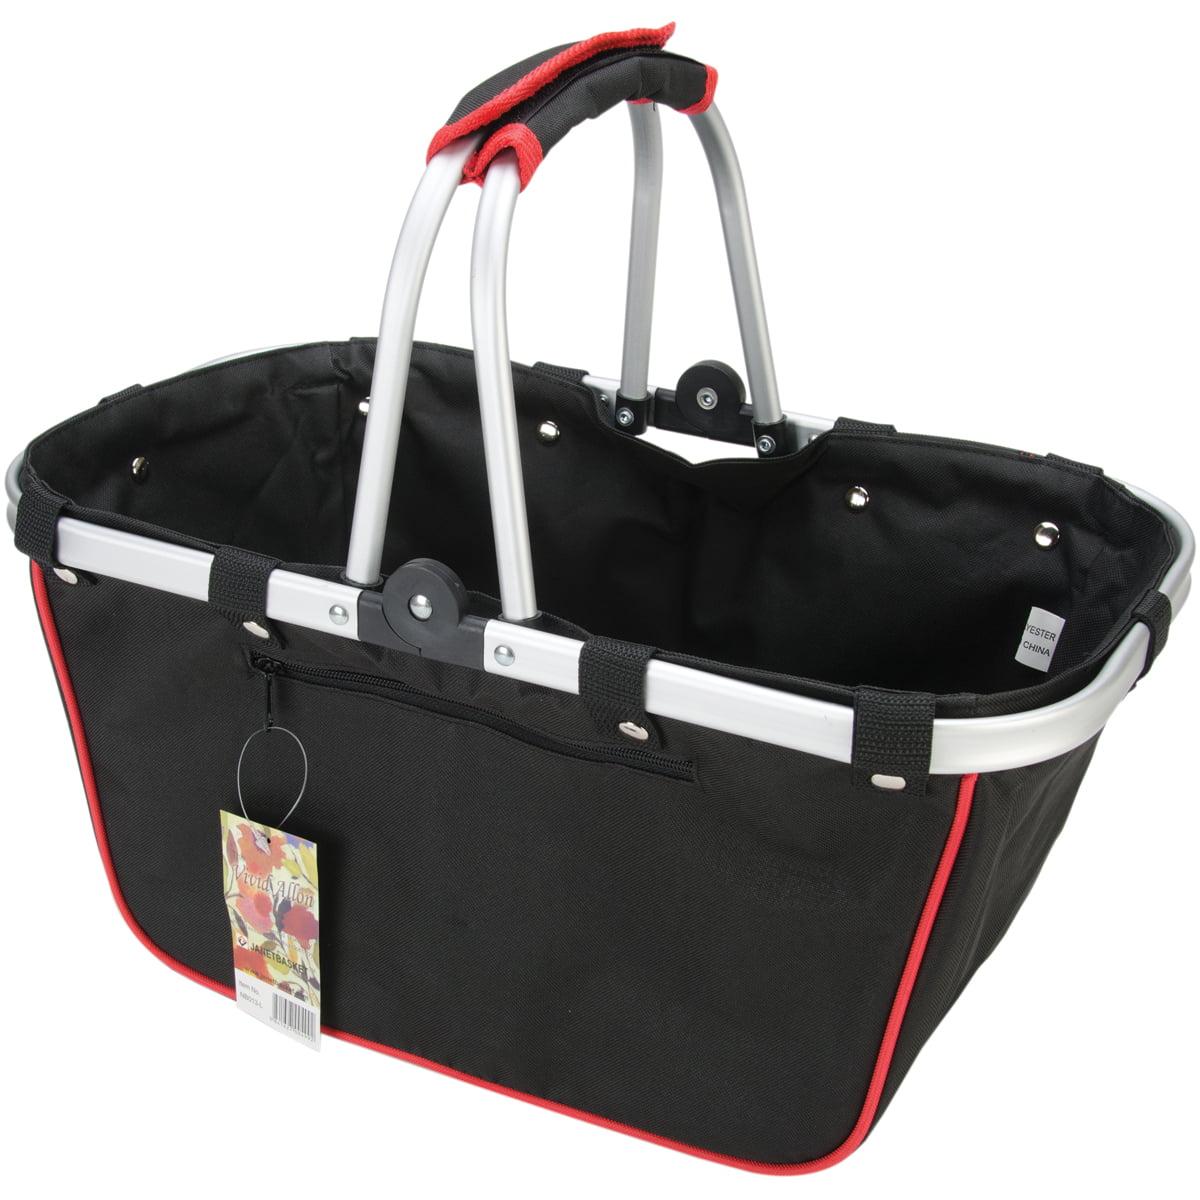 """JanetBasket Black/Red Large Aluminum Frame Basket, 18"""" x 10"""" x 9.5"""""""